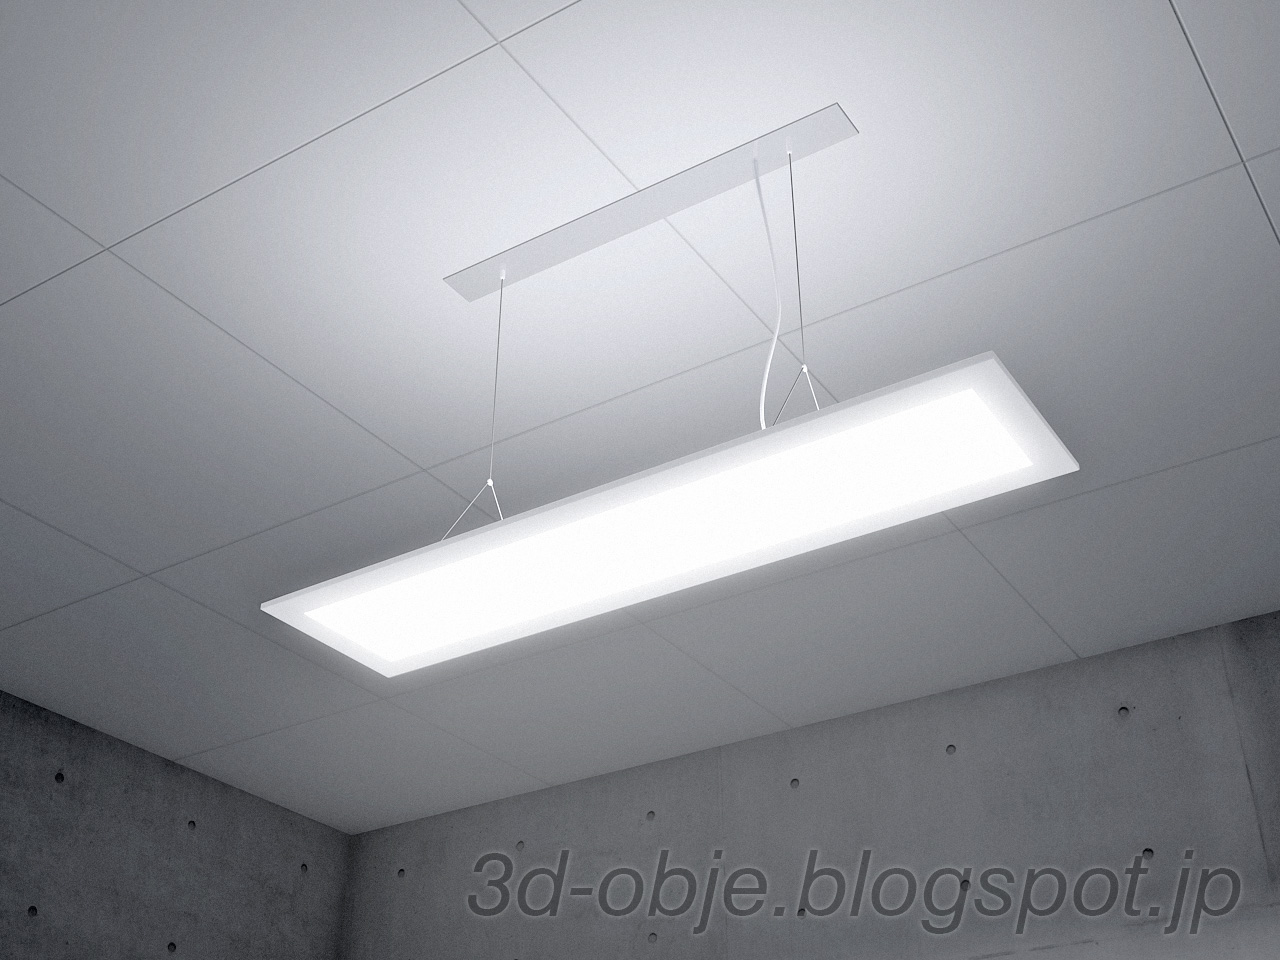 LED シーリングライト - LED ceiling light